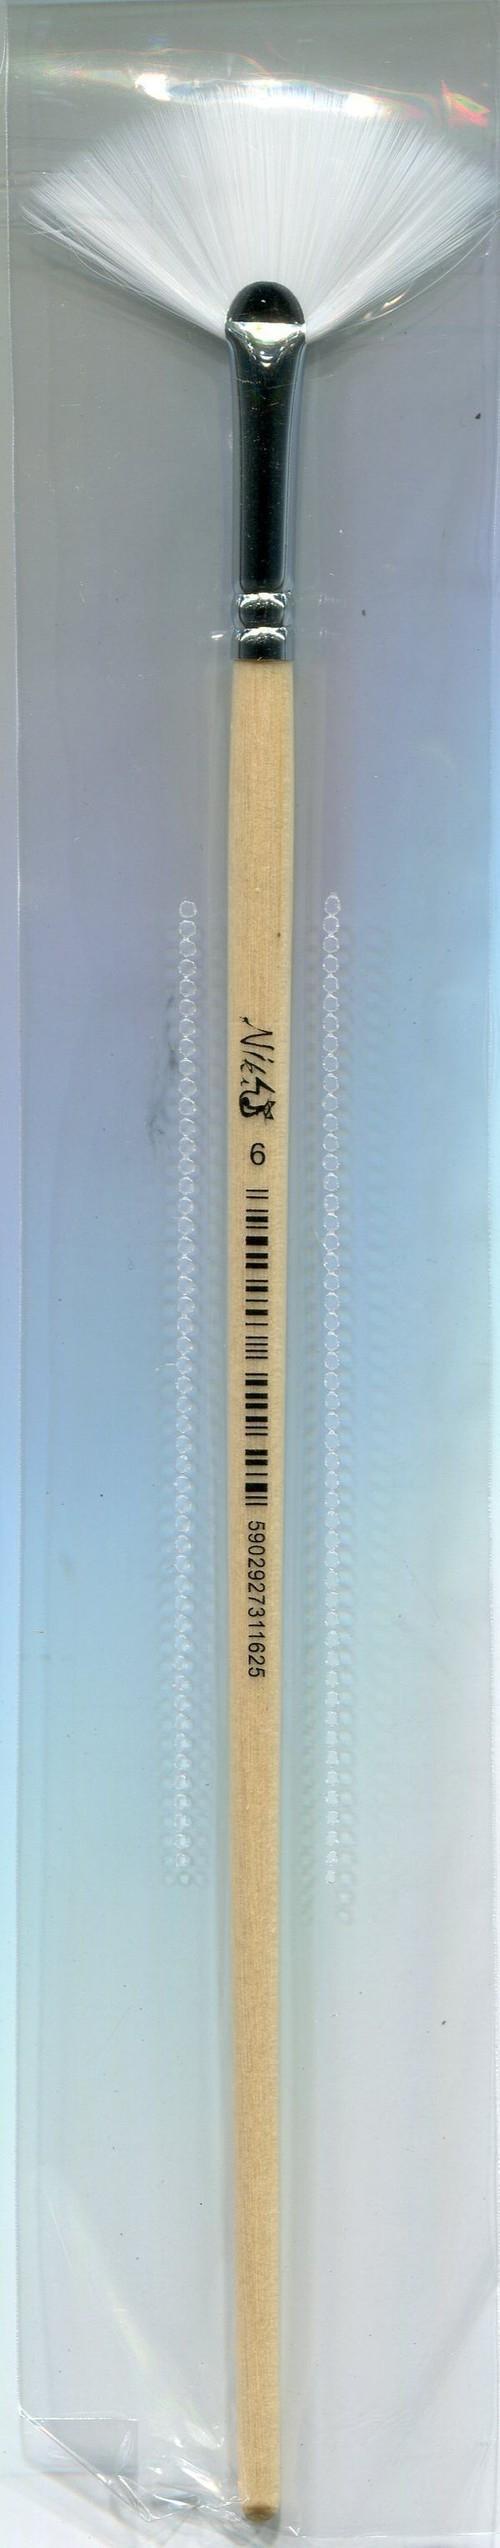 Pędzle nylonowe Niki-4 wachlarzowy nr 6, 12 sztuk